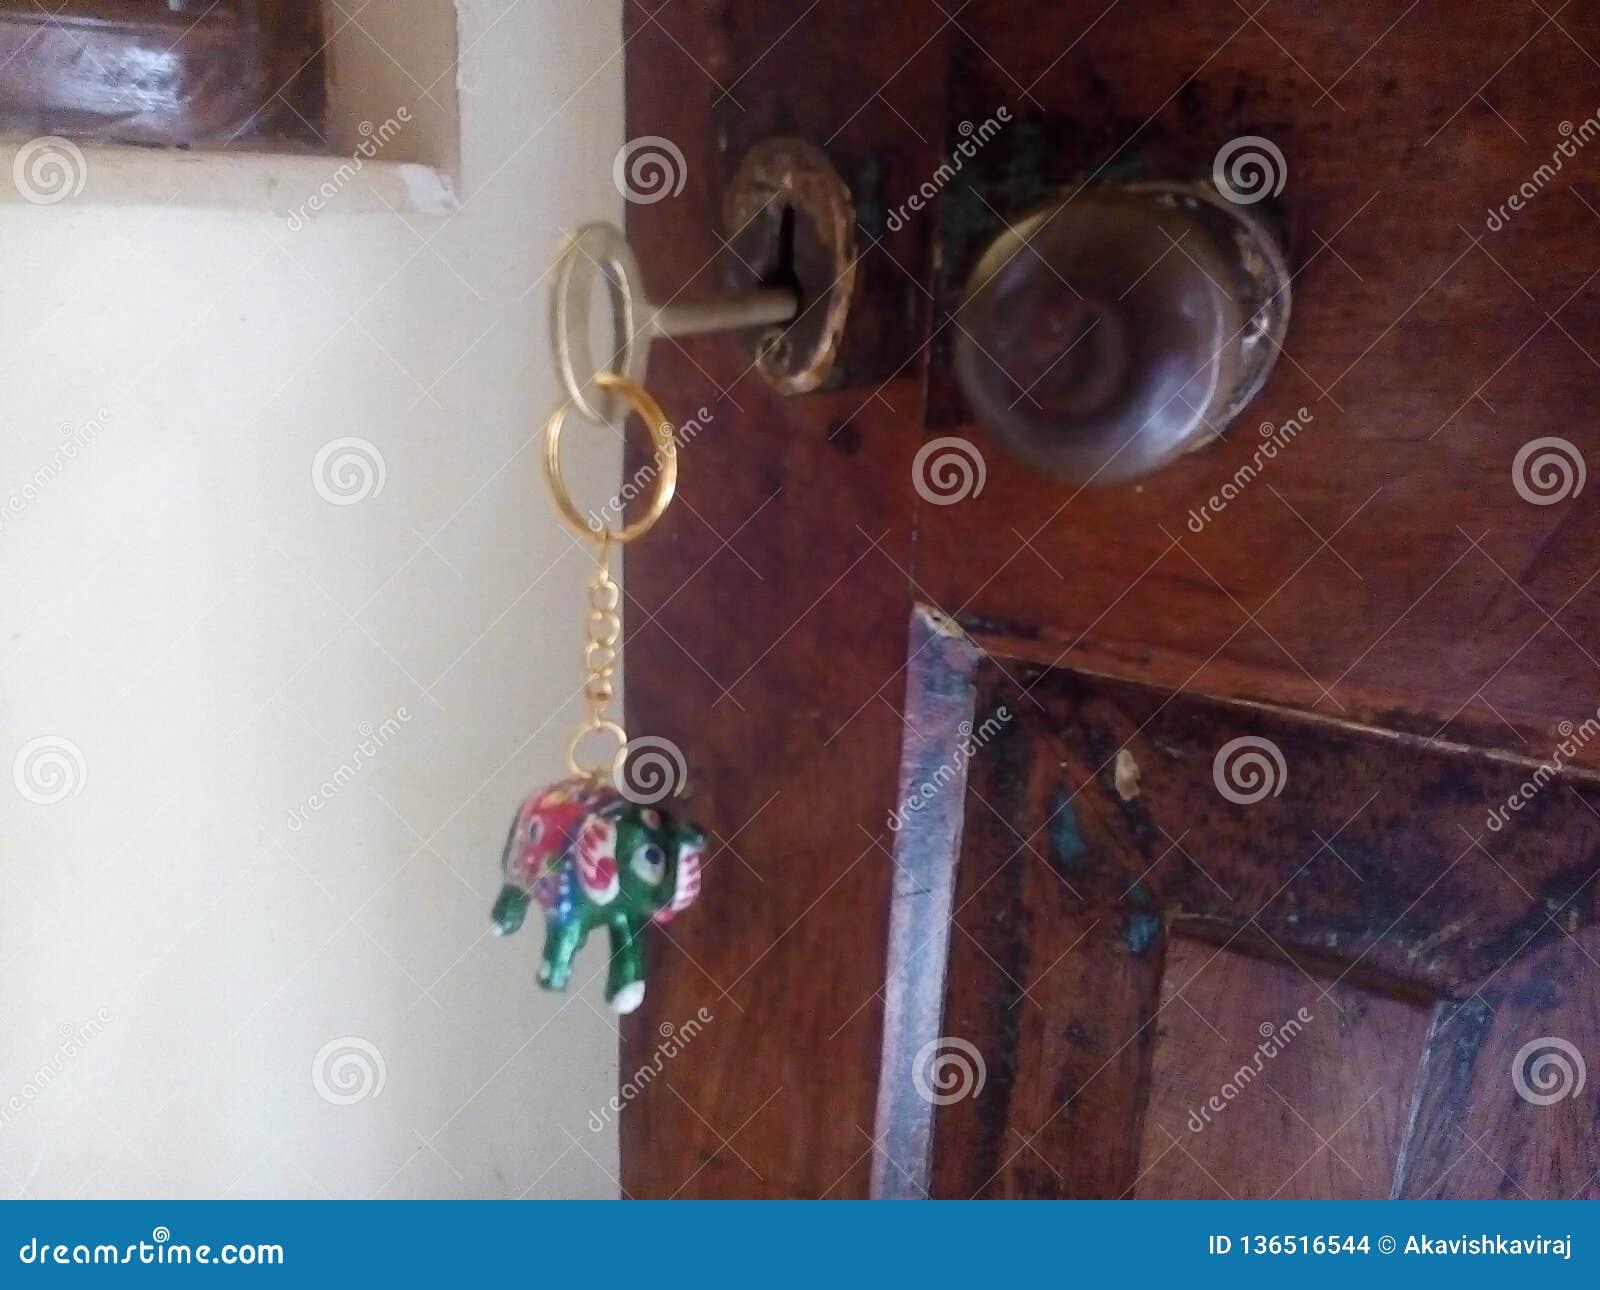 Brasswares maravilhosos e bonitos com etiqueta chave